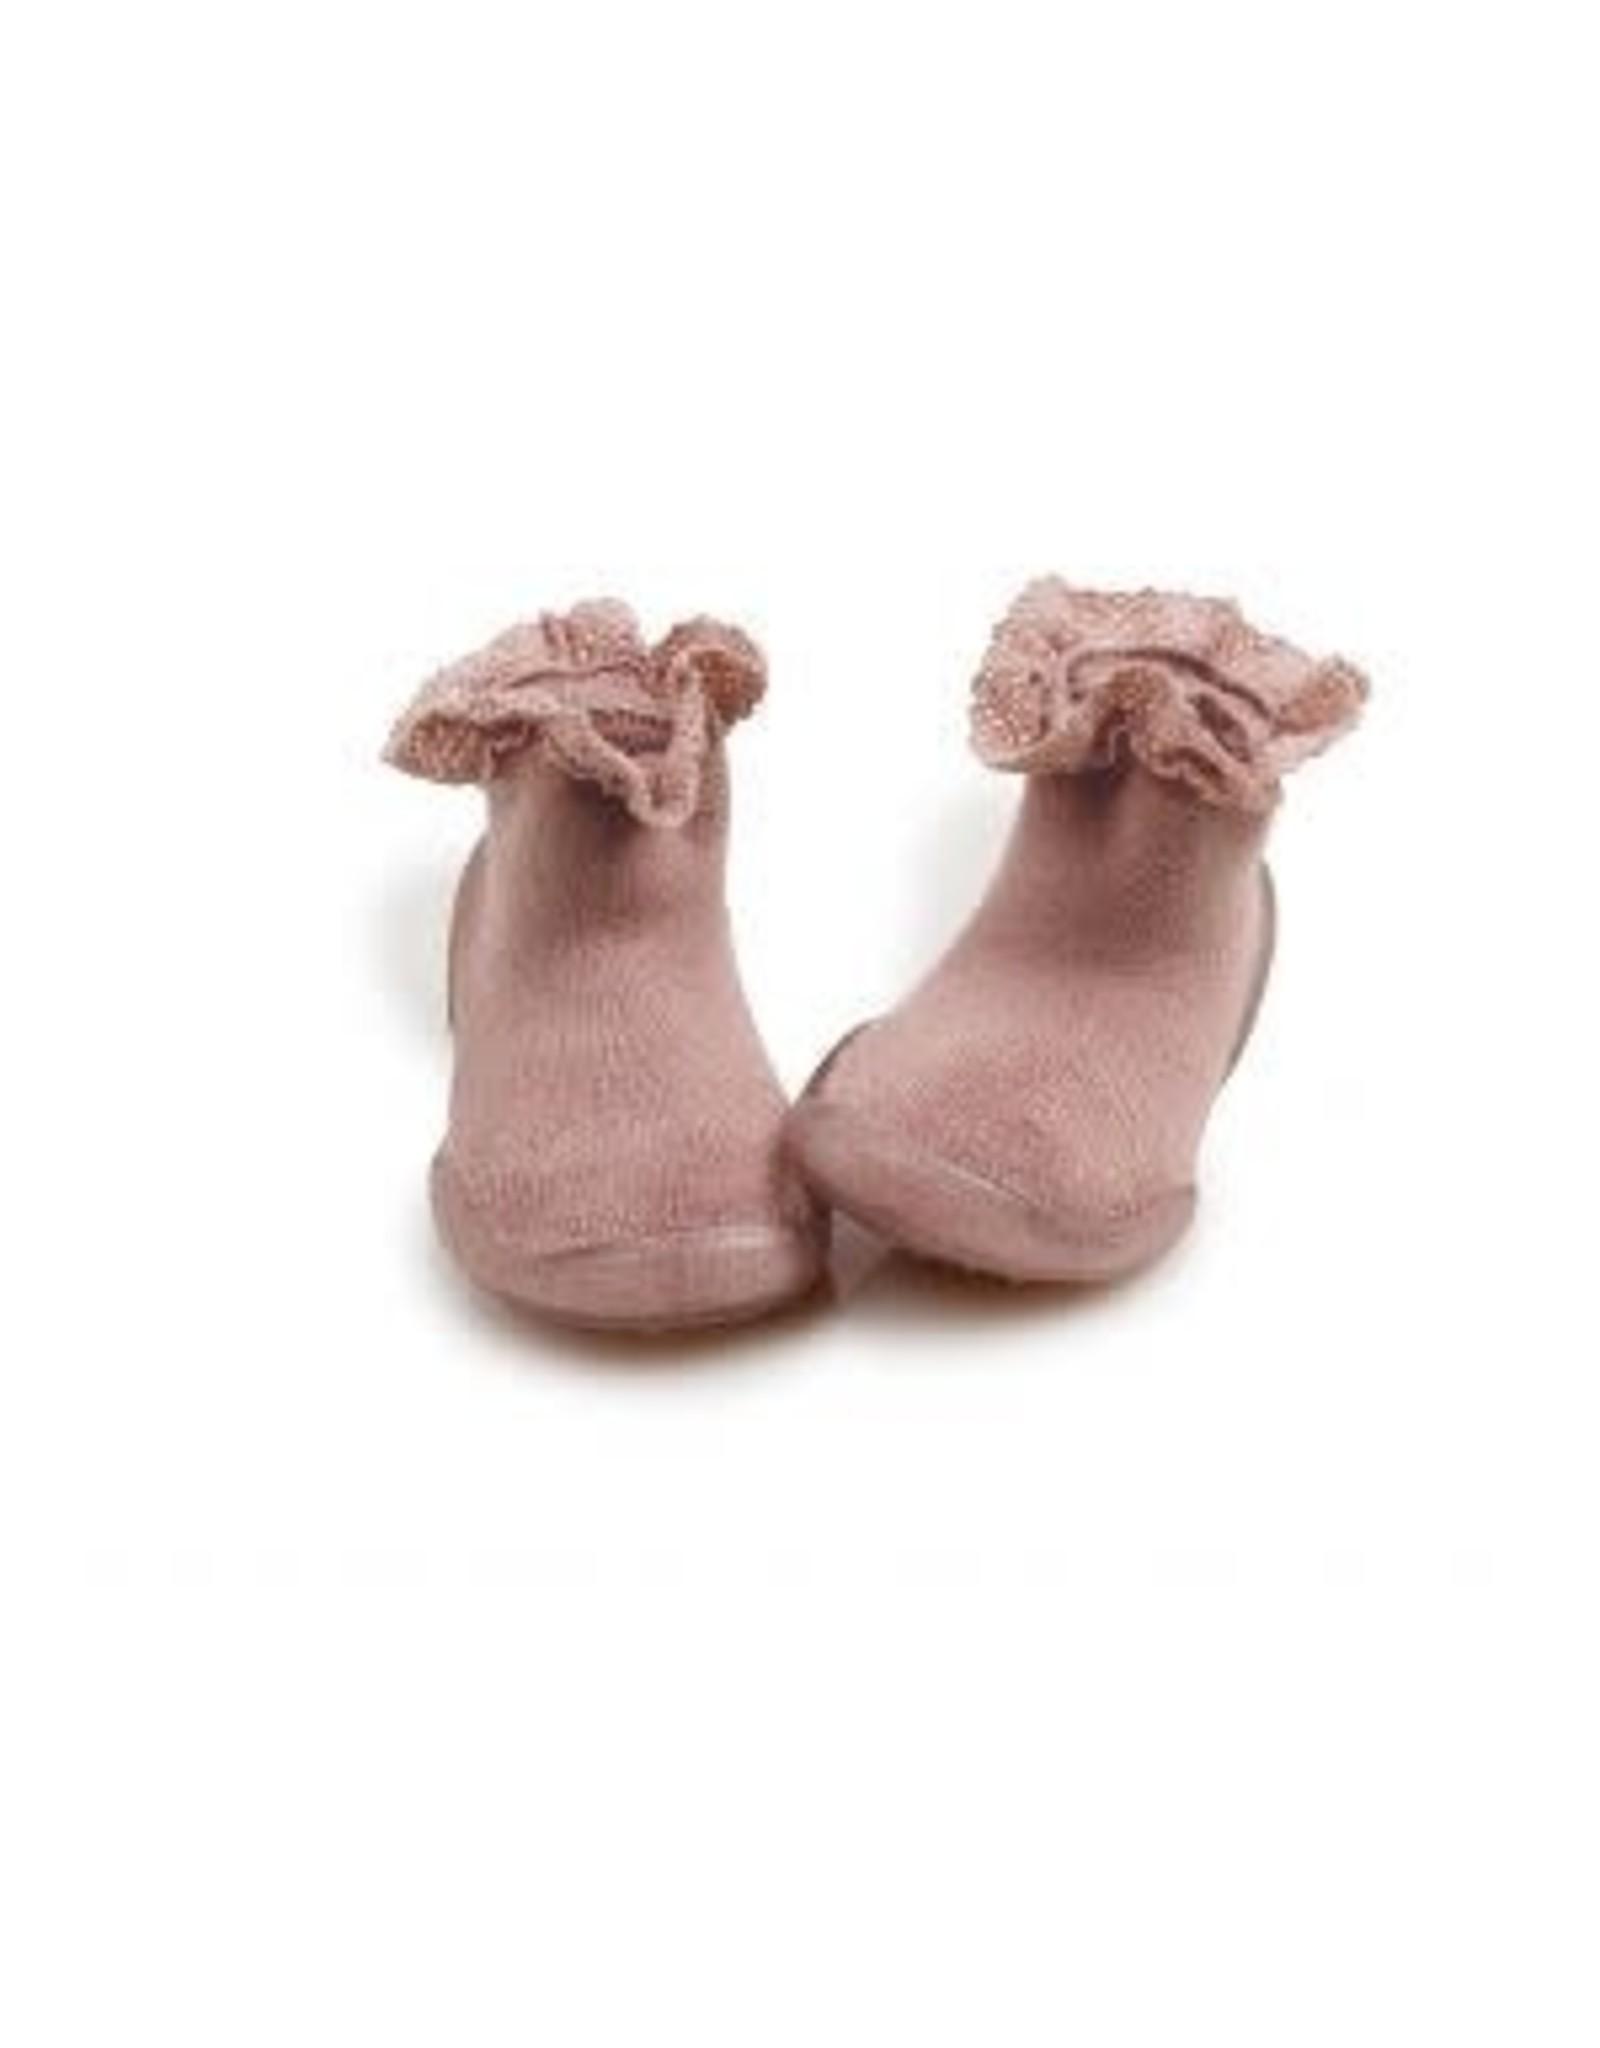 Collégien pantoffels roze kant